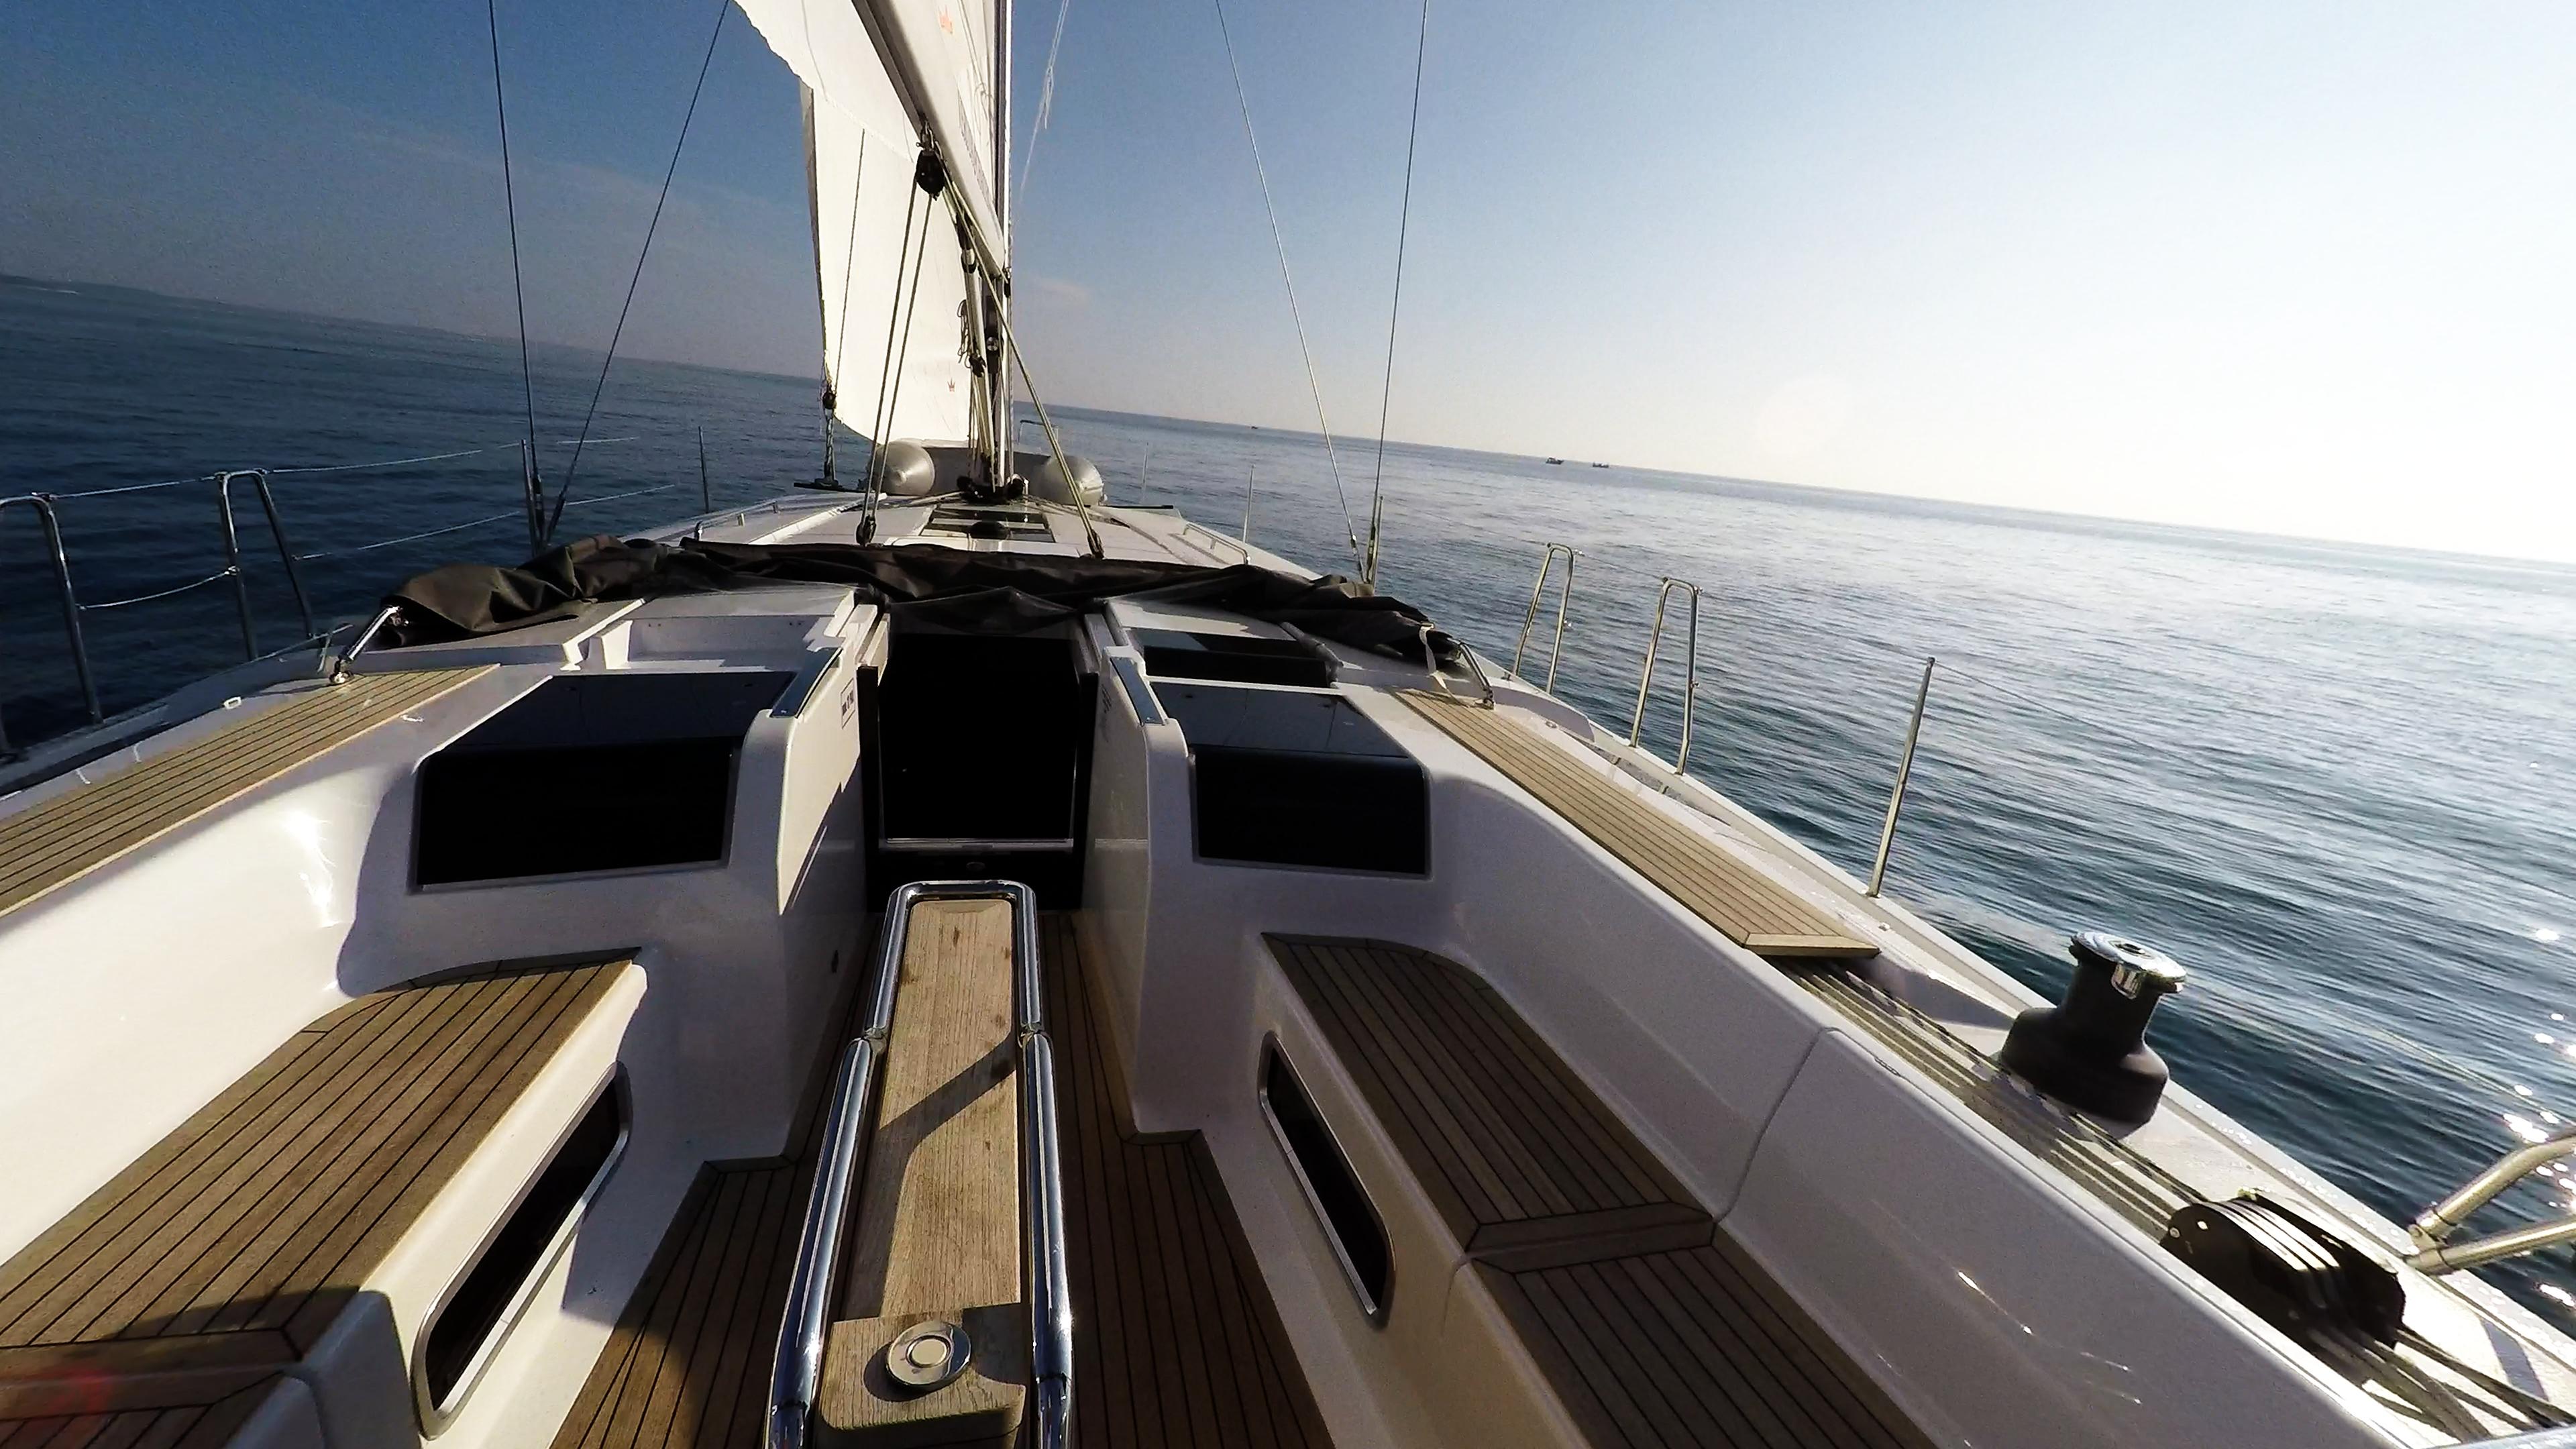 tik tikovina kokpit stol jedrilica Hanse 505 čamac